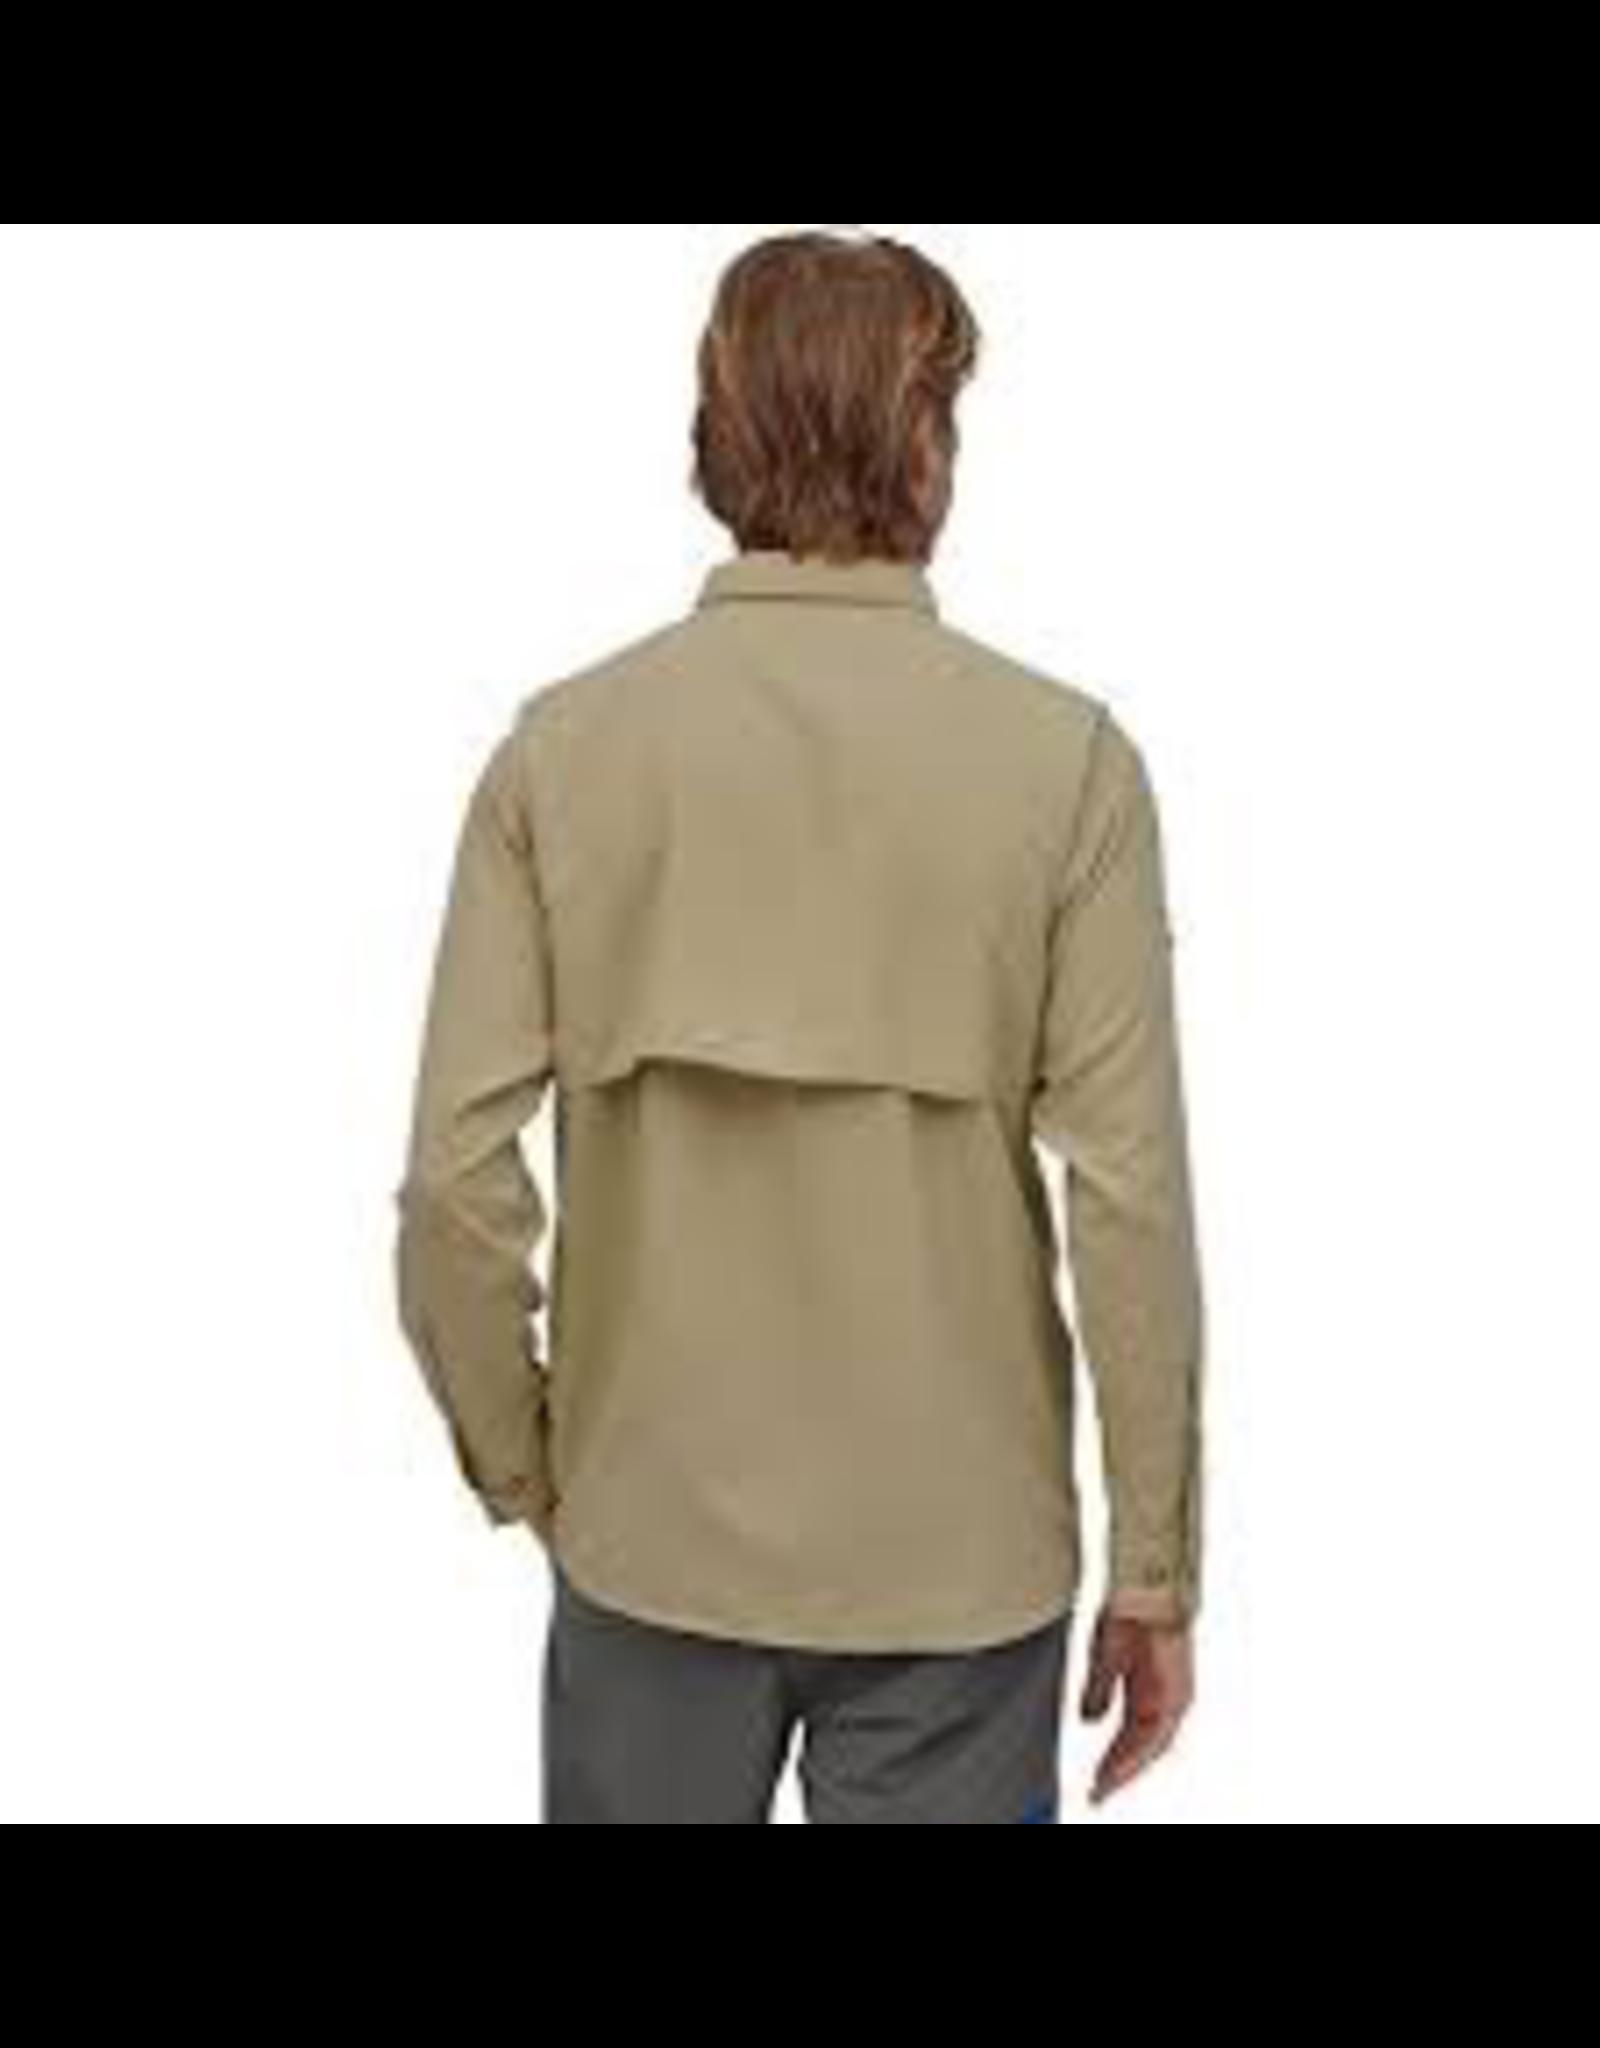 Patagonia Paagonia Sol Patrol II Men's LS Shirt El Cap Khaki